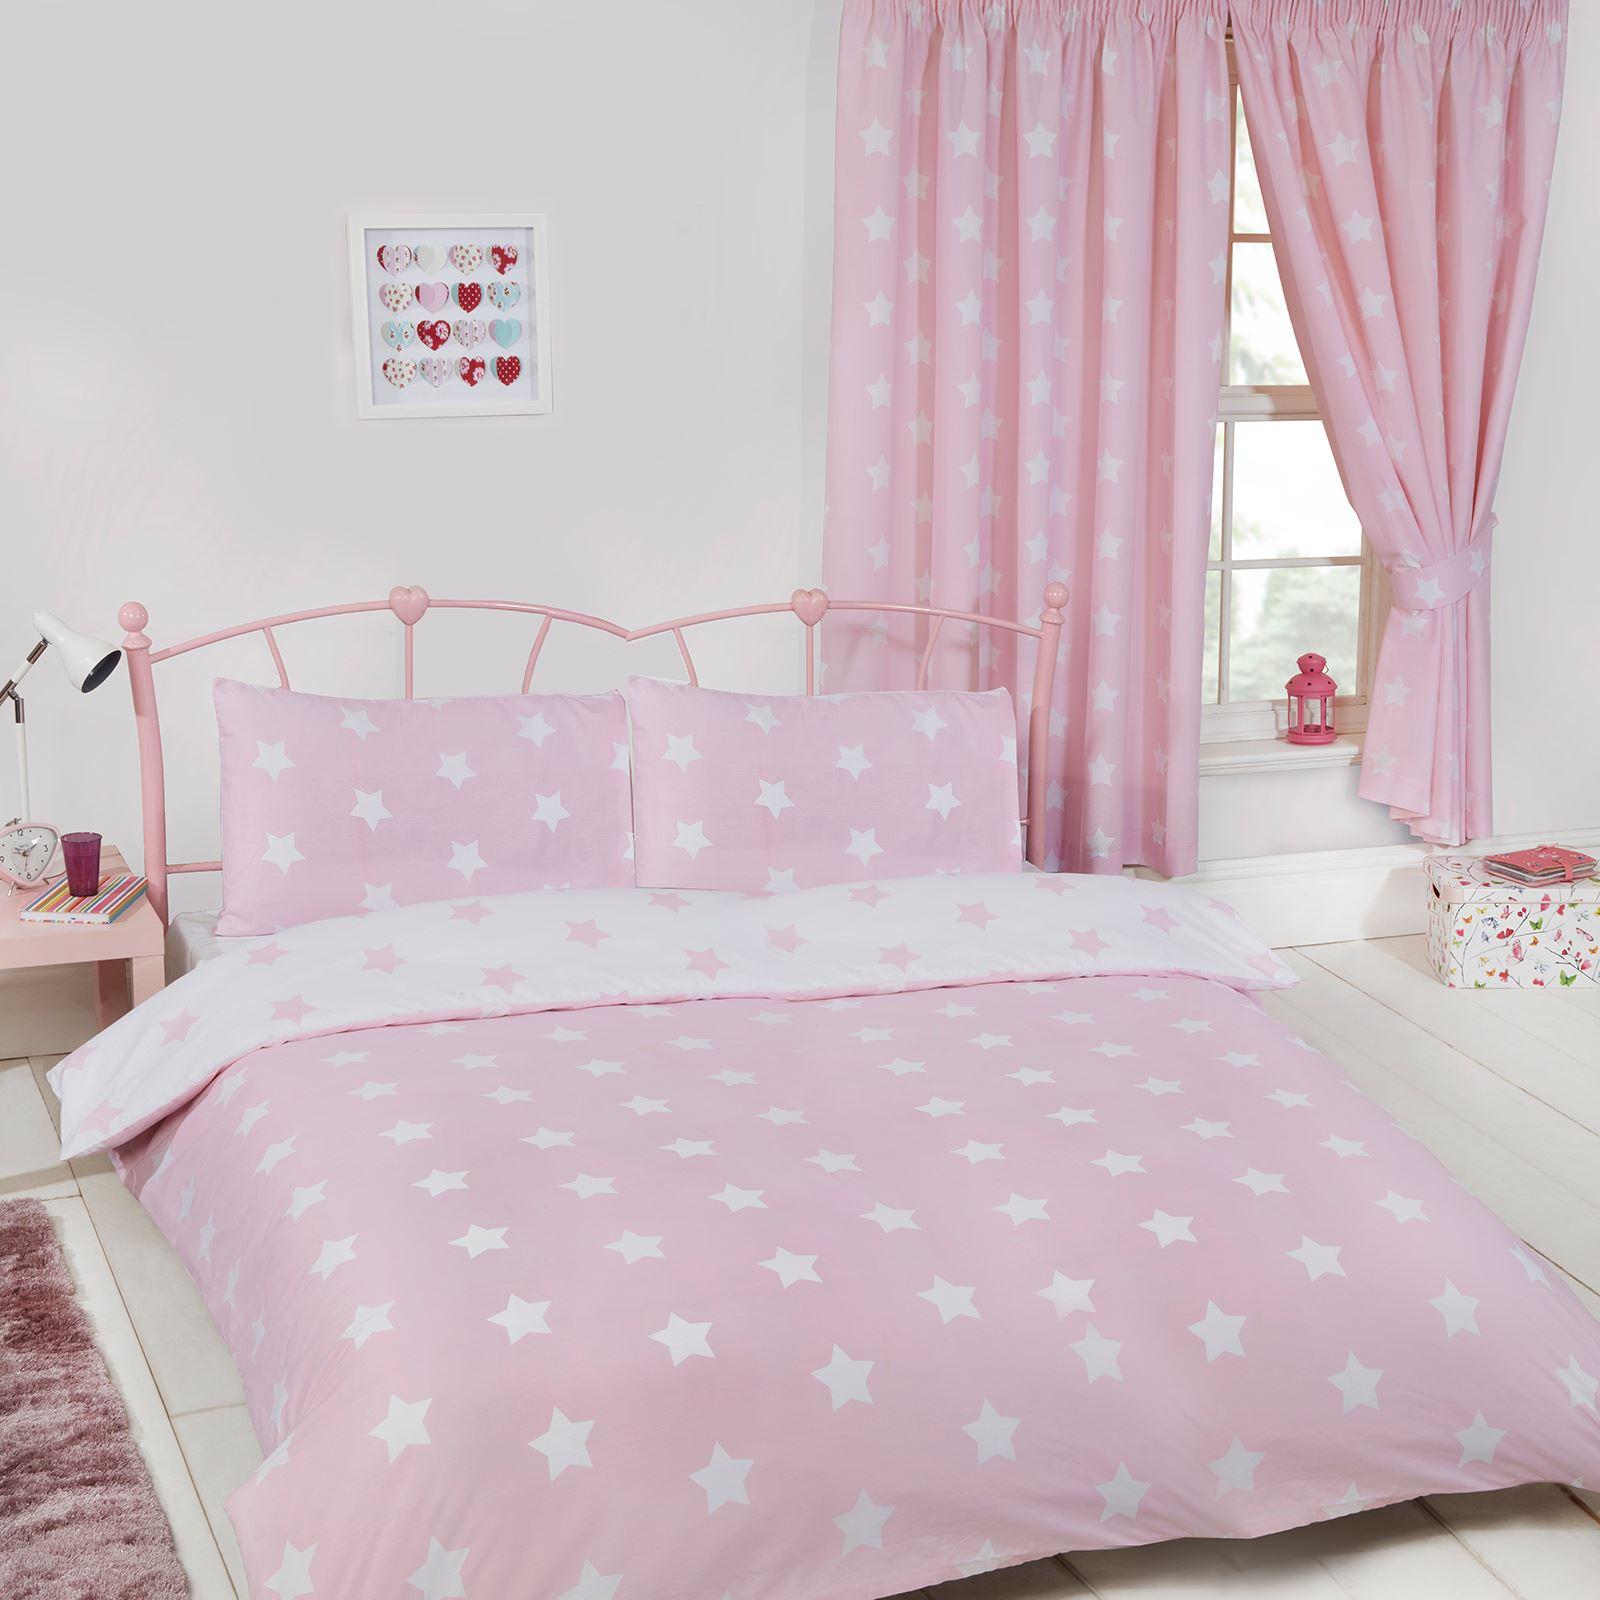 kinder m dchen jungen passend bettbezug sets einzeln doppel junior vorh nge ebay. Black Bedroom Furniture Sets. Home Design Ideas